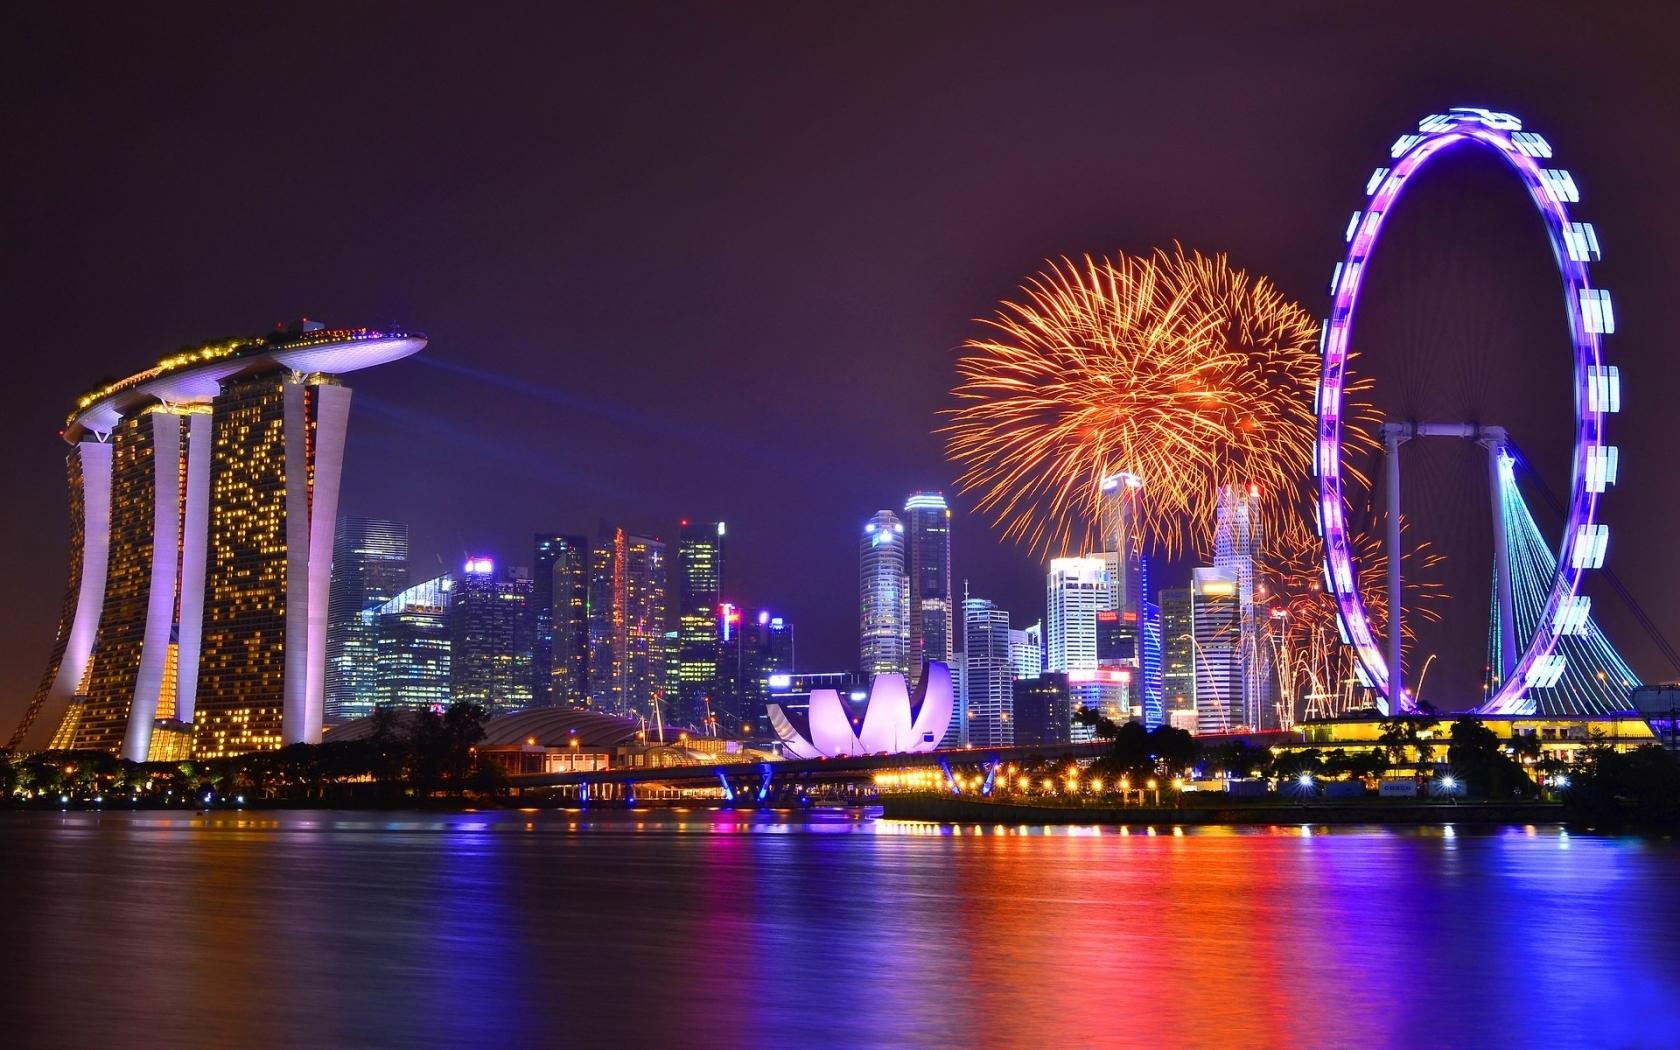 Vista de Singapore nocturna - 1680x1050